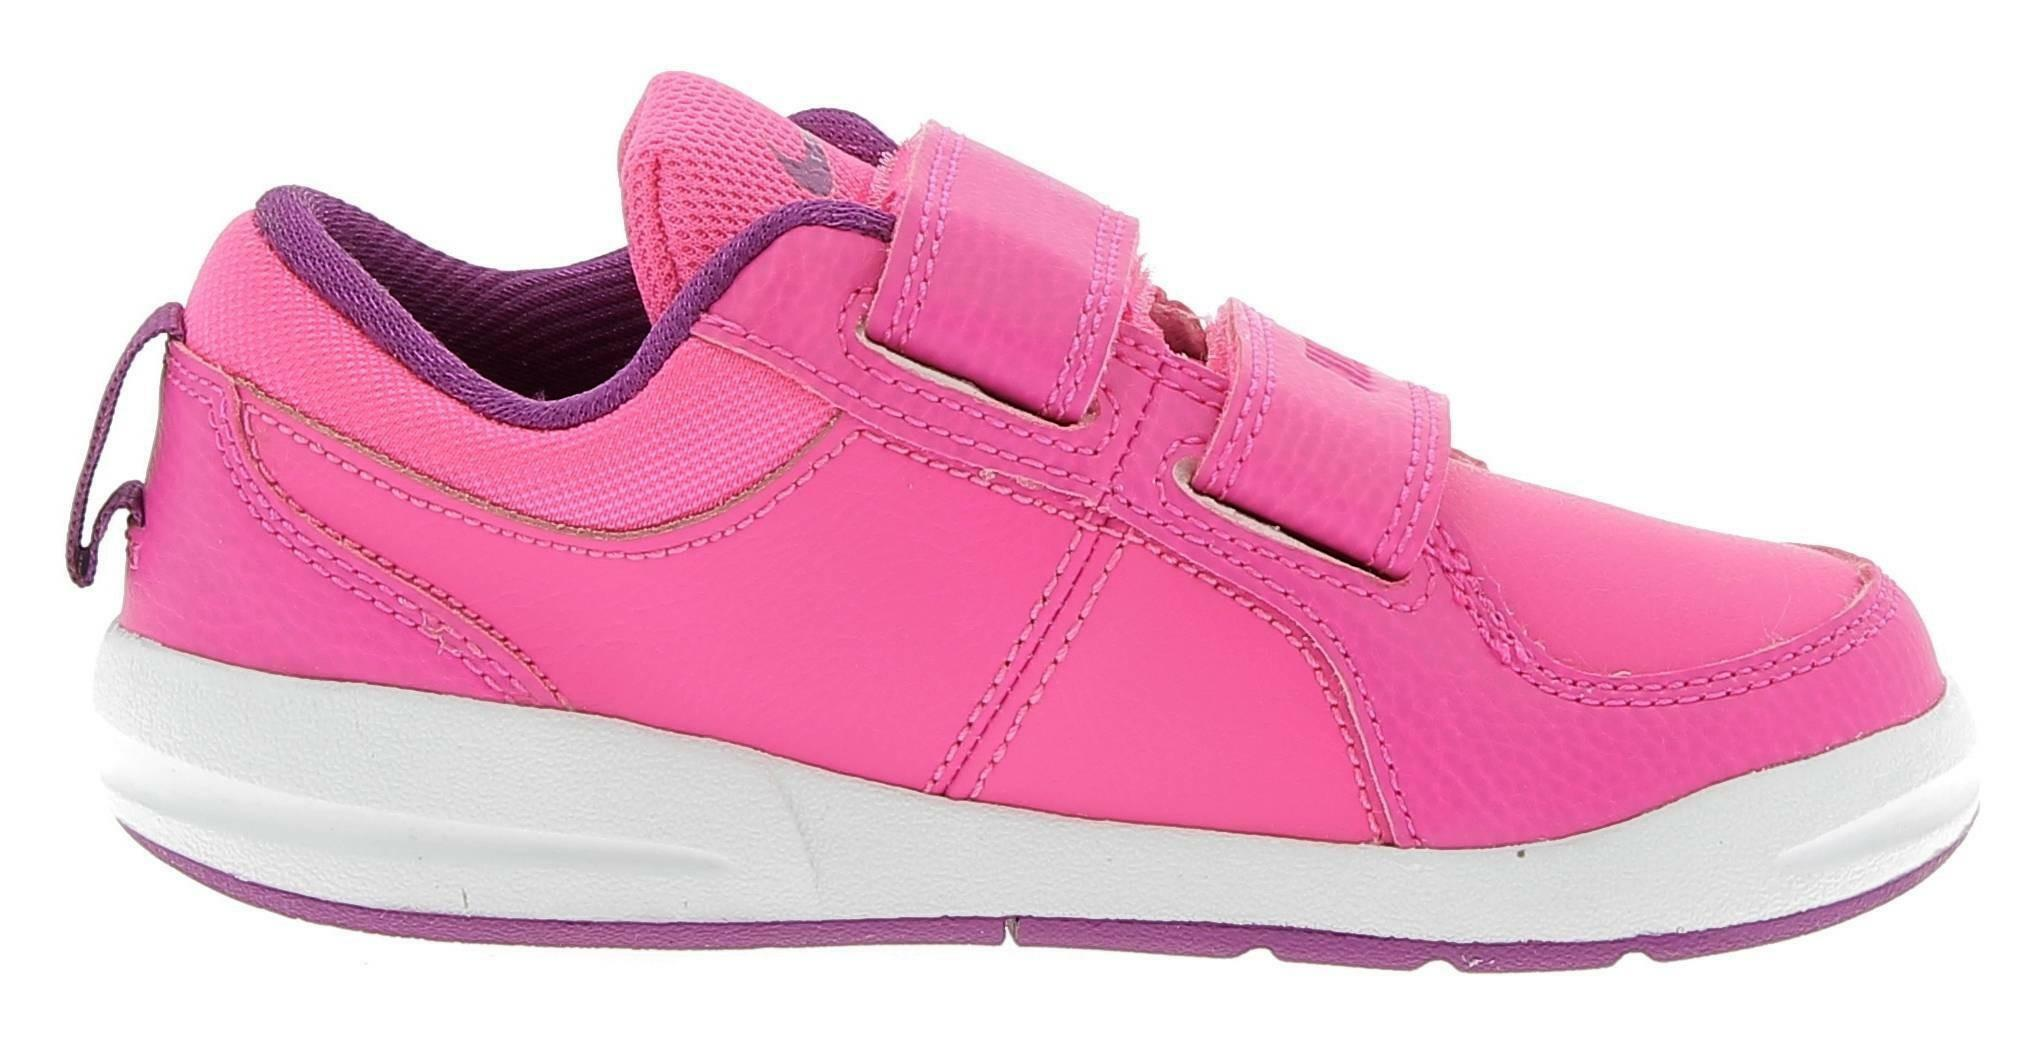 nike nike pico 4 psv scarpe sportive bambina strappi rosa